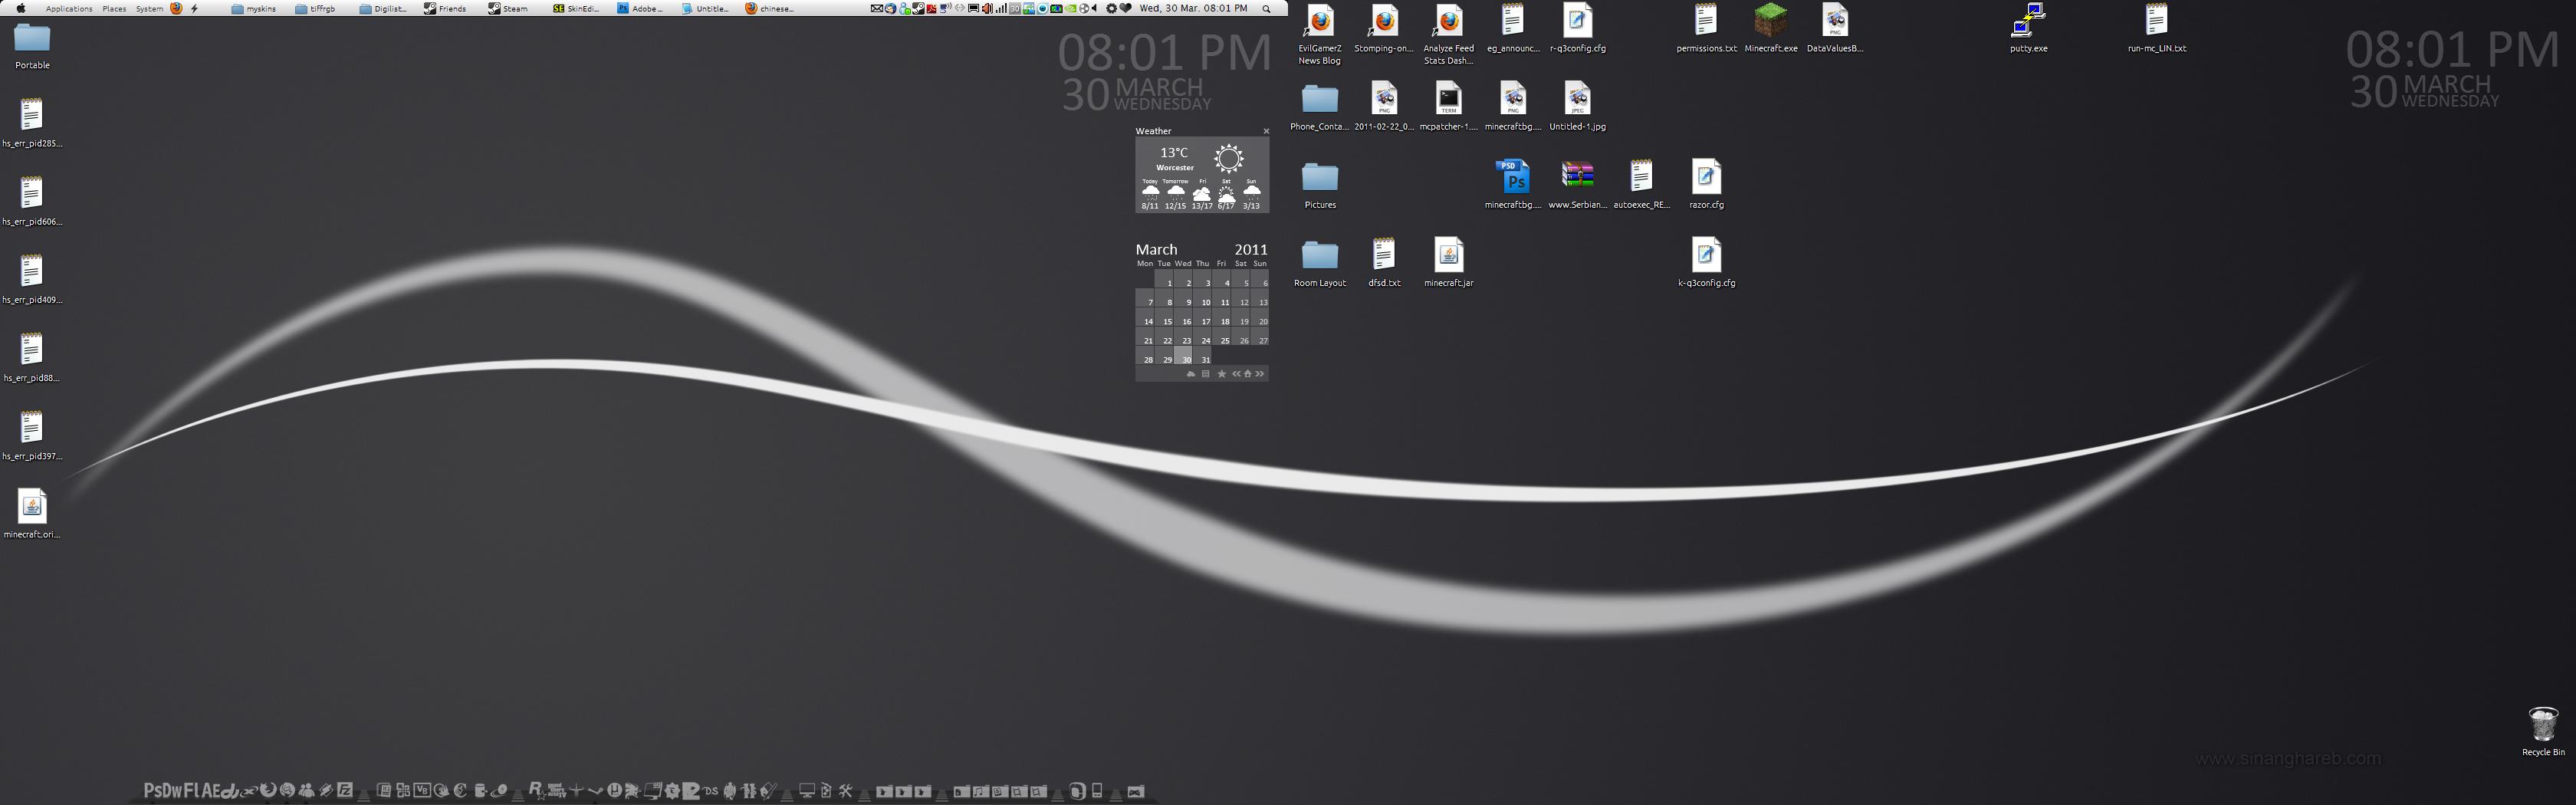 My desktop as of 30-03-2011 by WarriorRazor